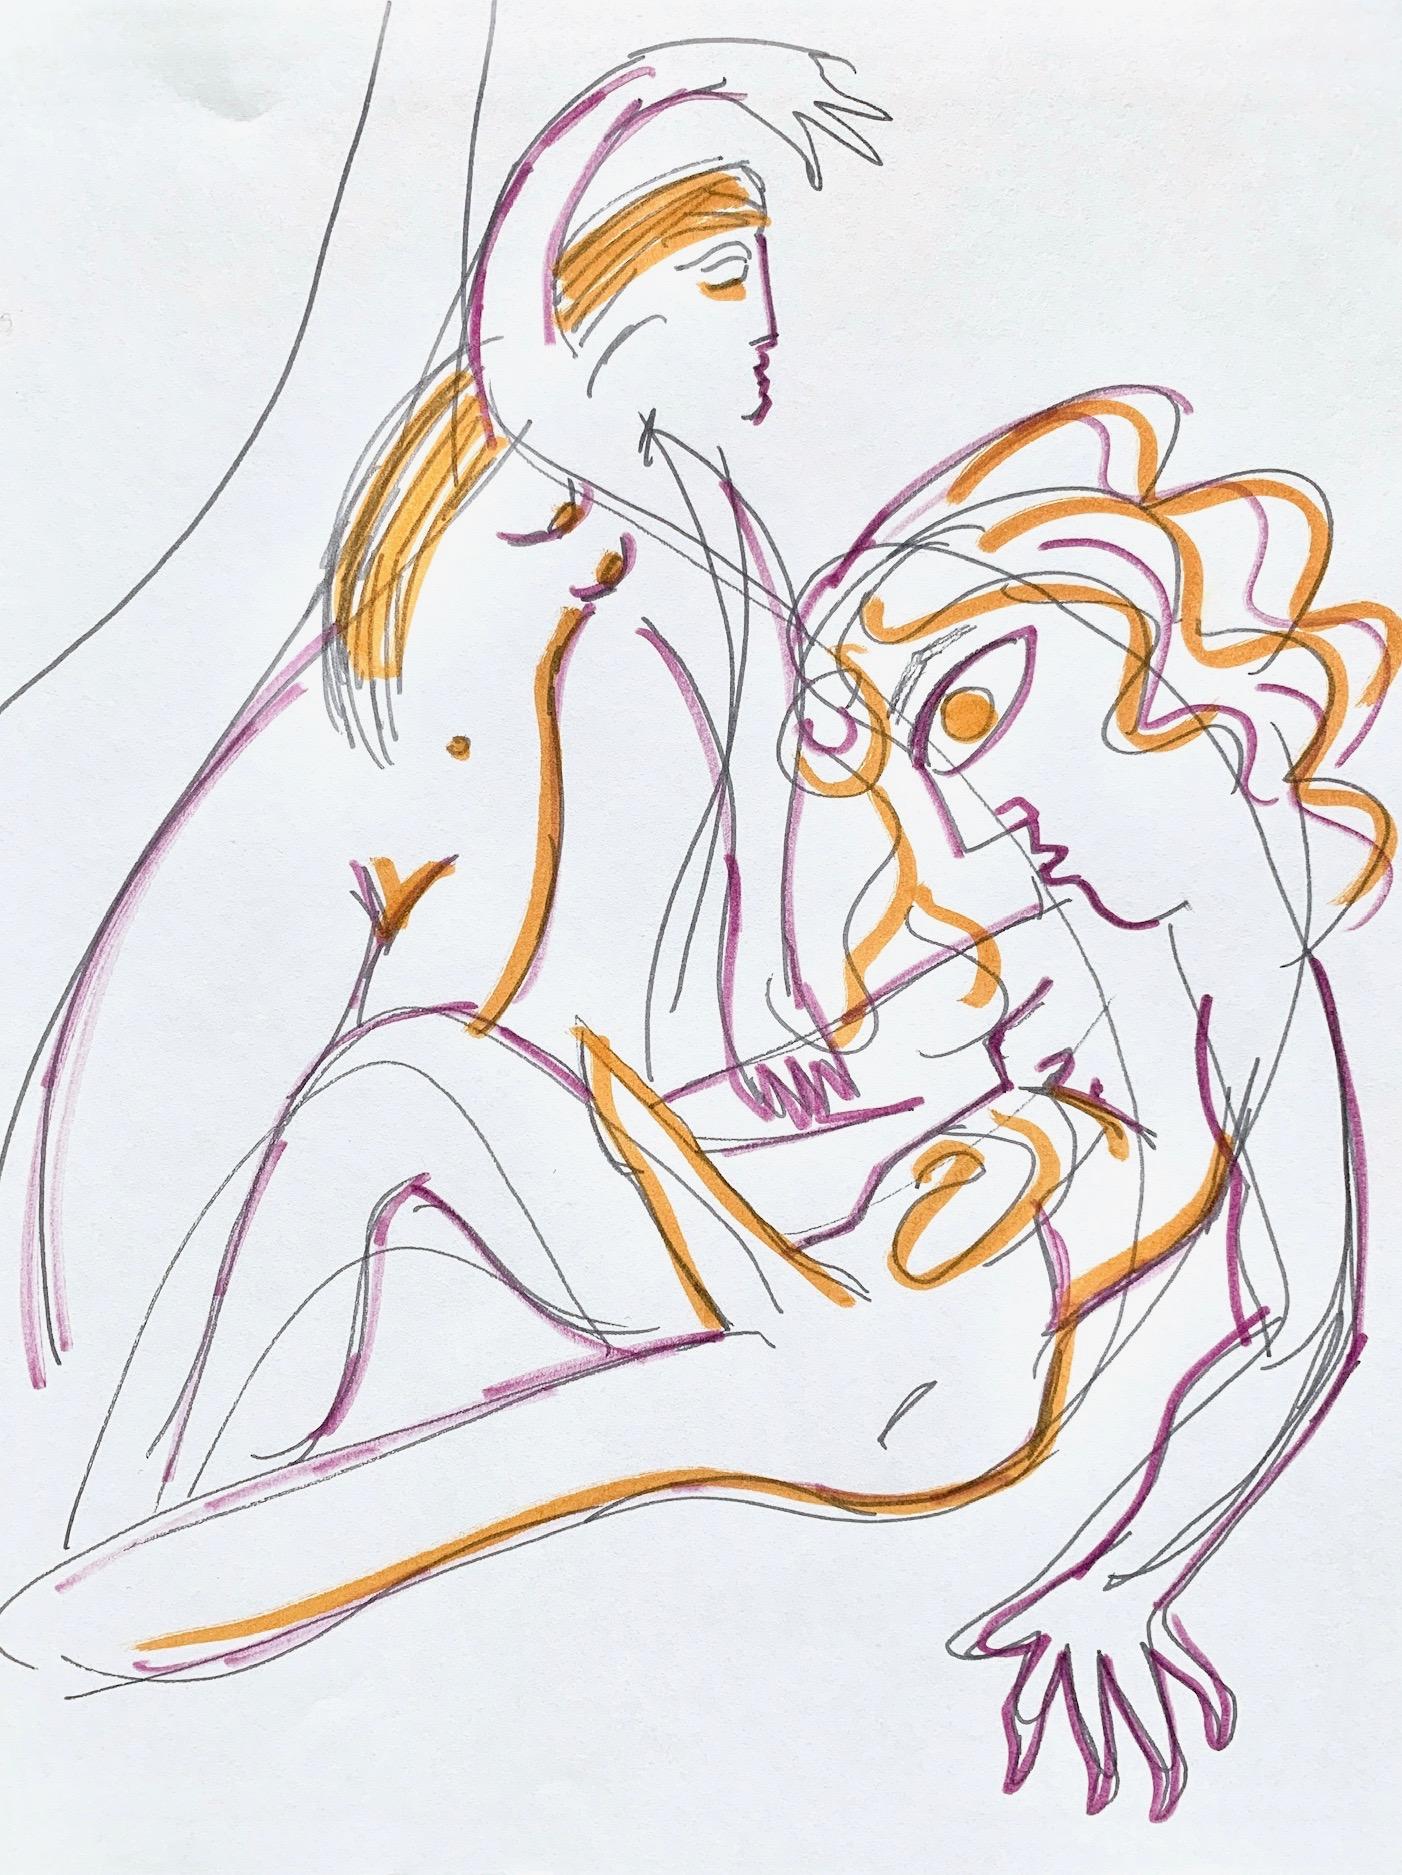 Orpheus & Nora (After Rilke), I